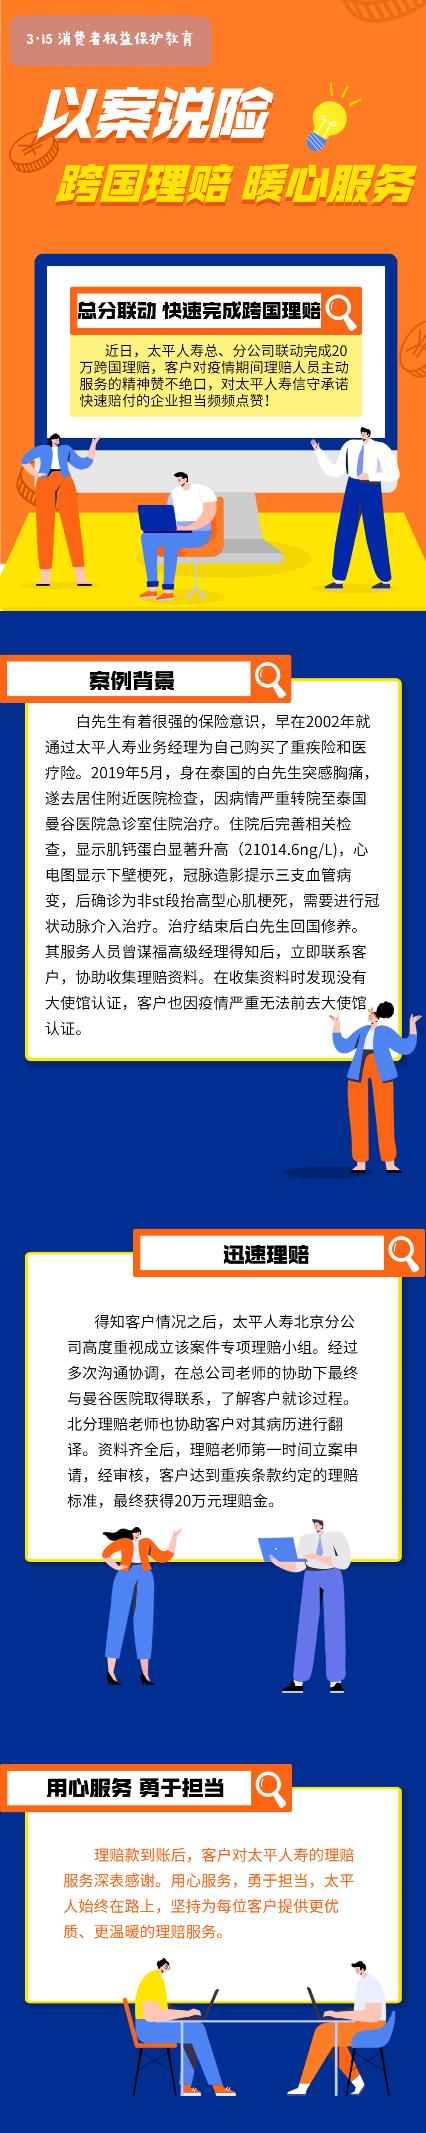 太平人寿北京分公司:以案说险 跨国理赔 暖心服务